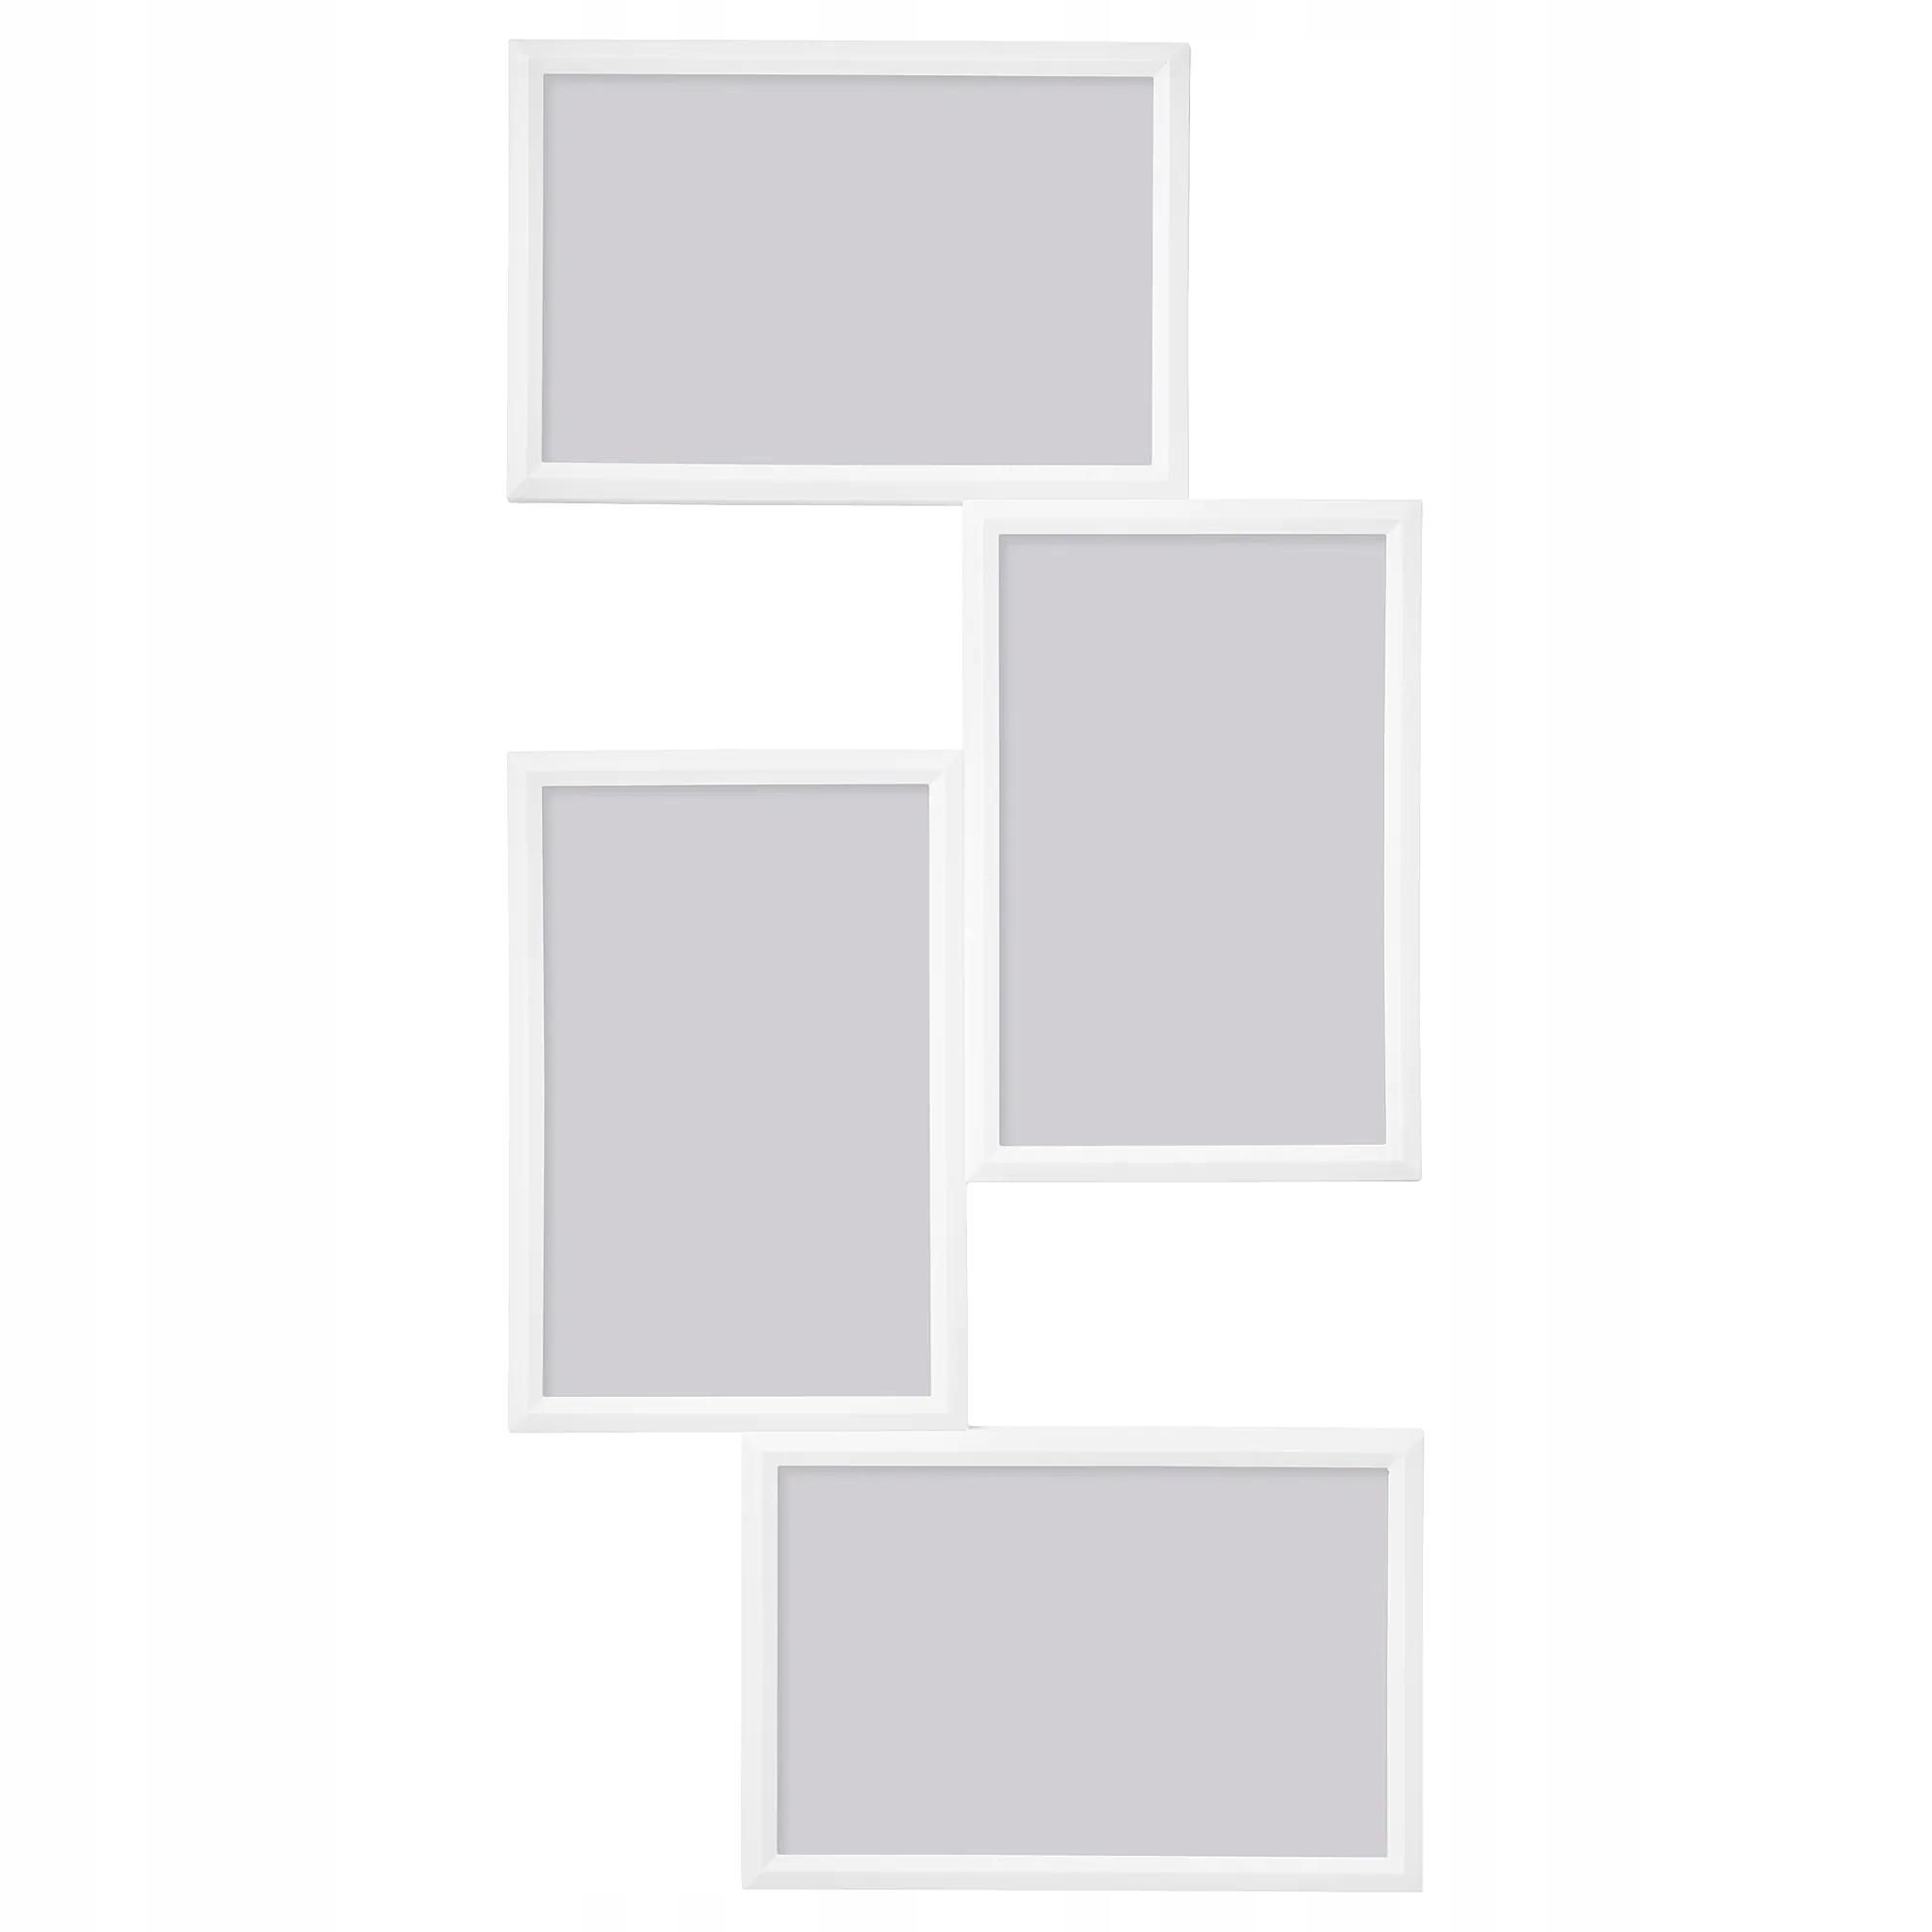 IKEA YLLEVAD Ramka na 4 zdjęcia 10x15 BIALA 21x41